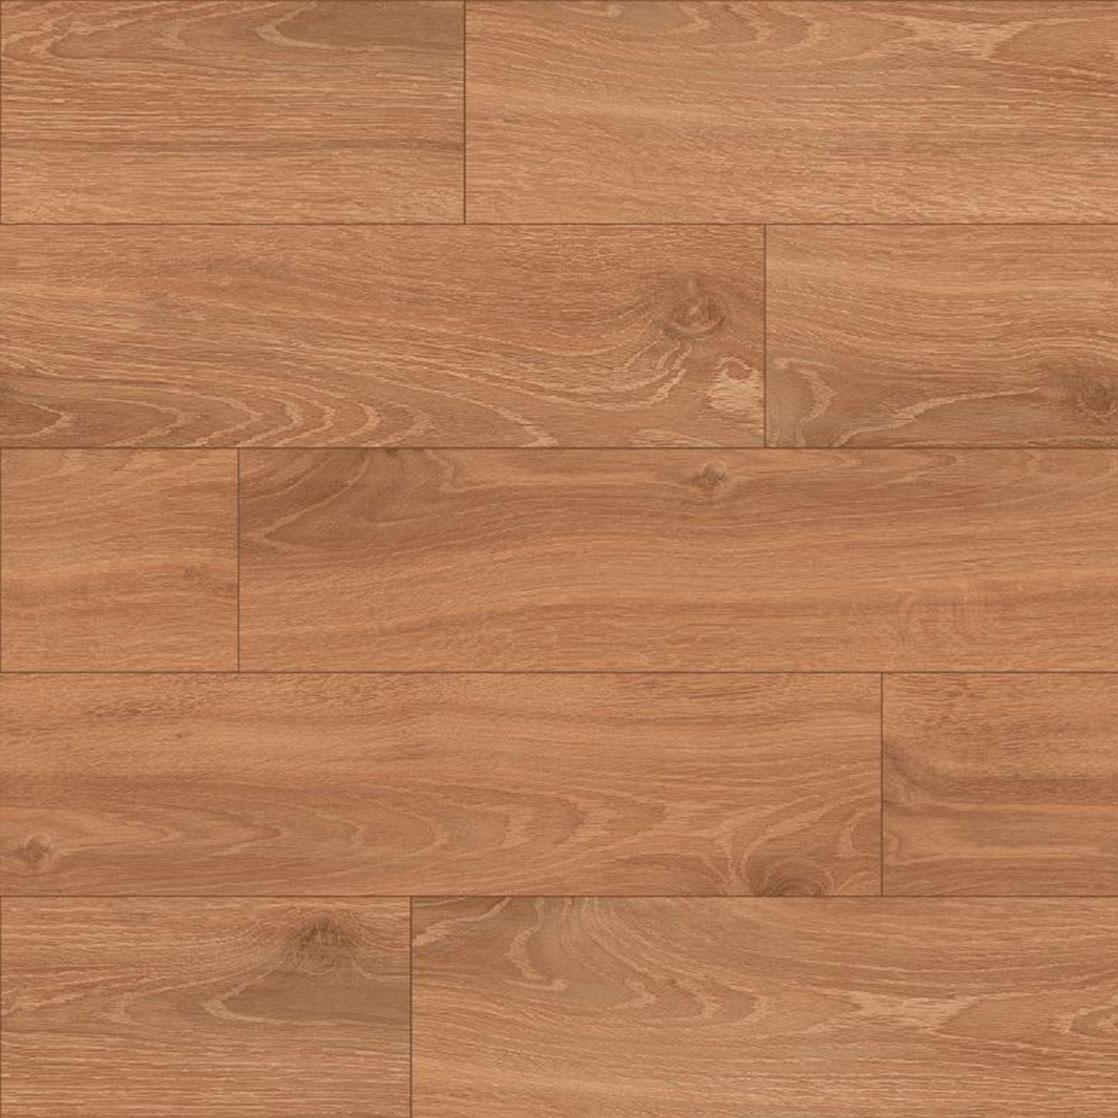 Gạch lát nền vân gỗ Viglacera VG6011 giá rẻ